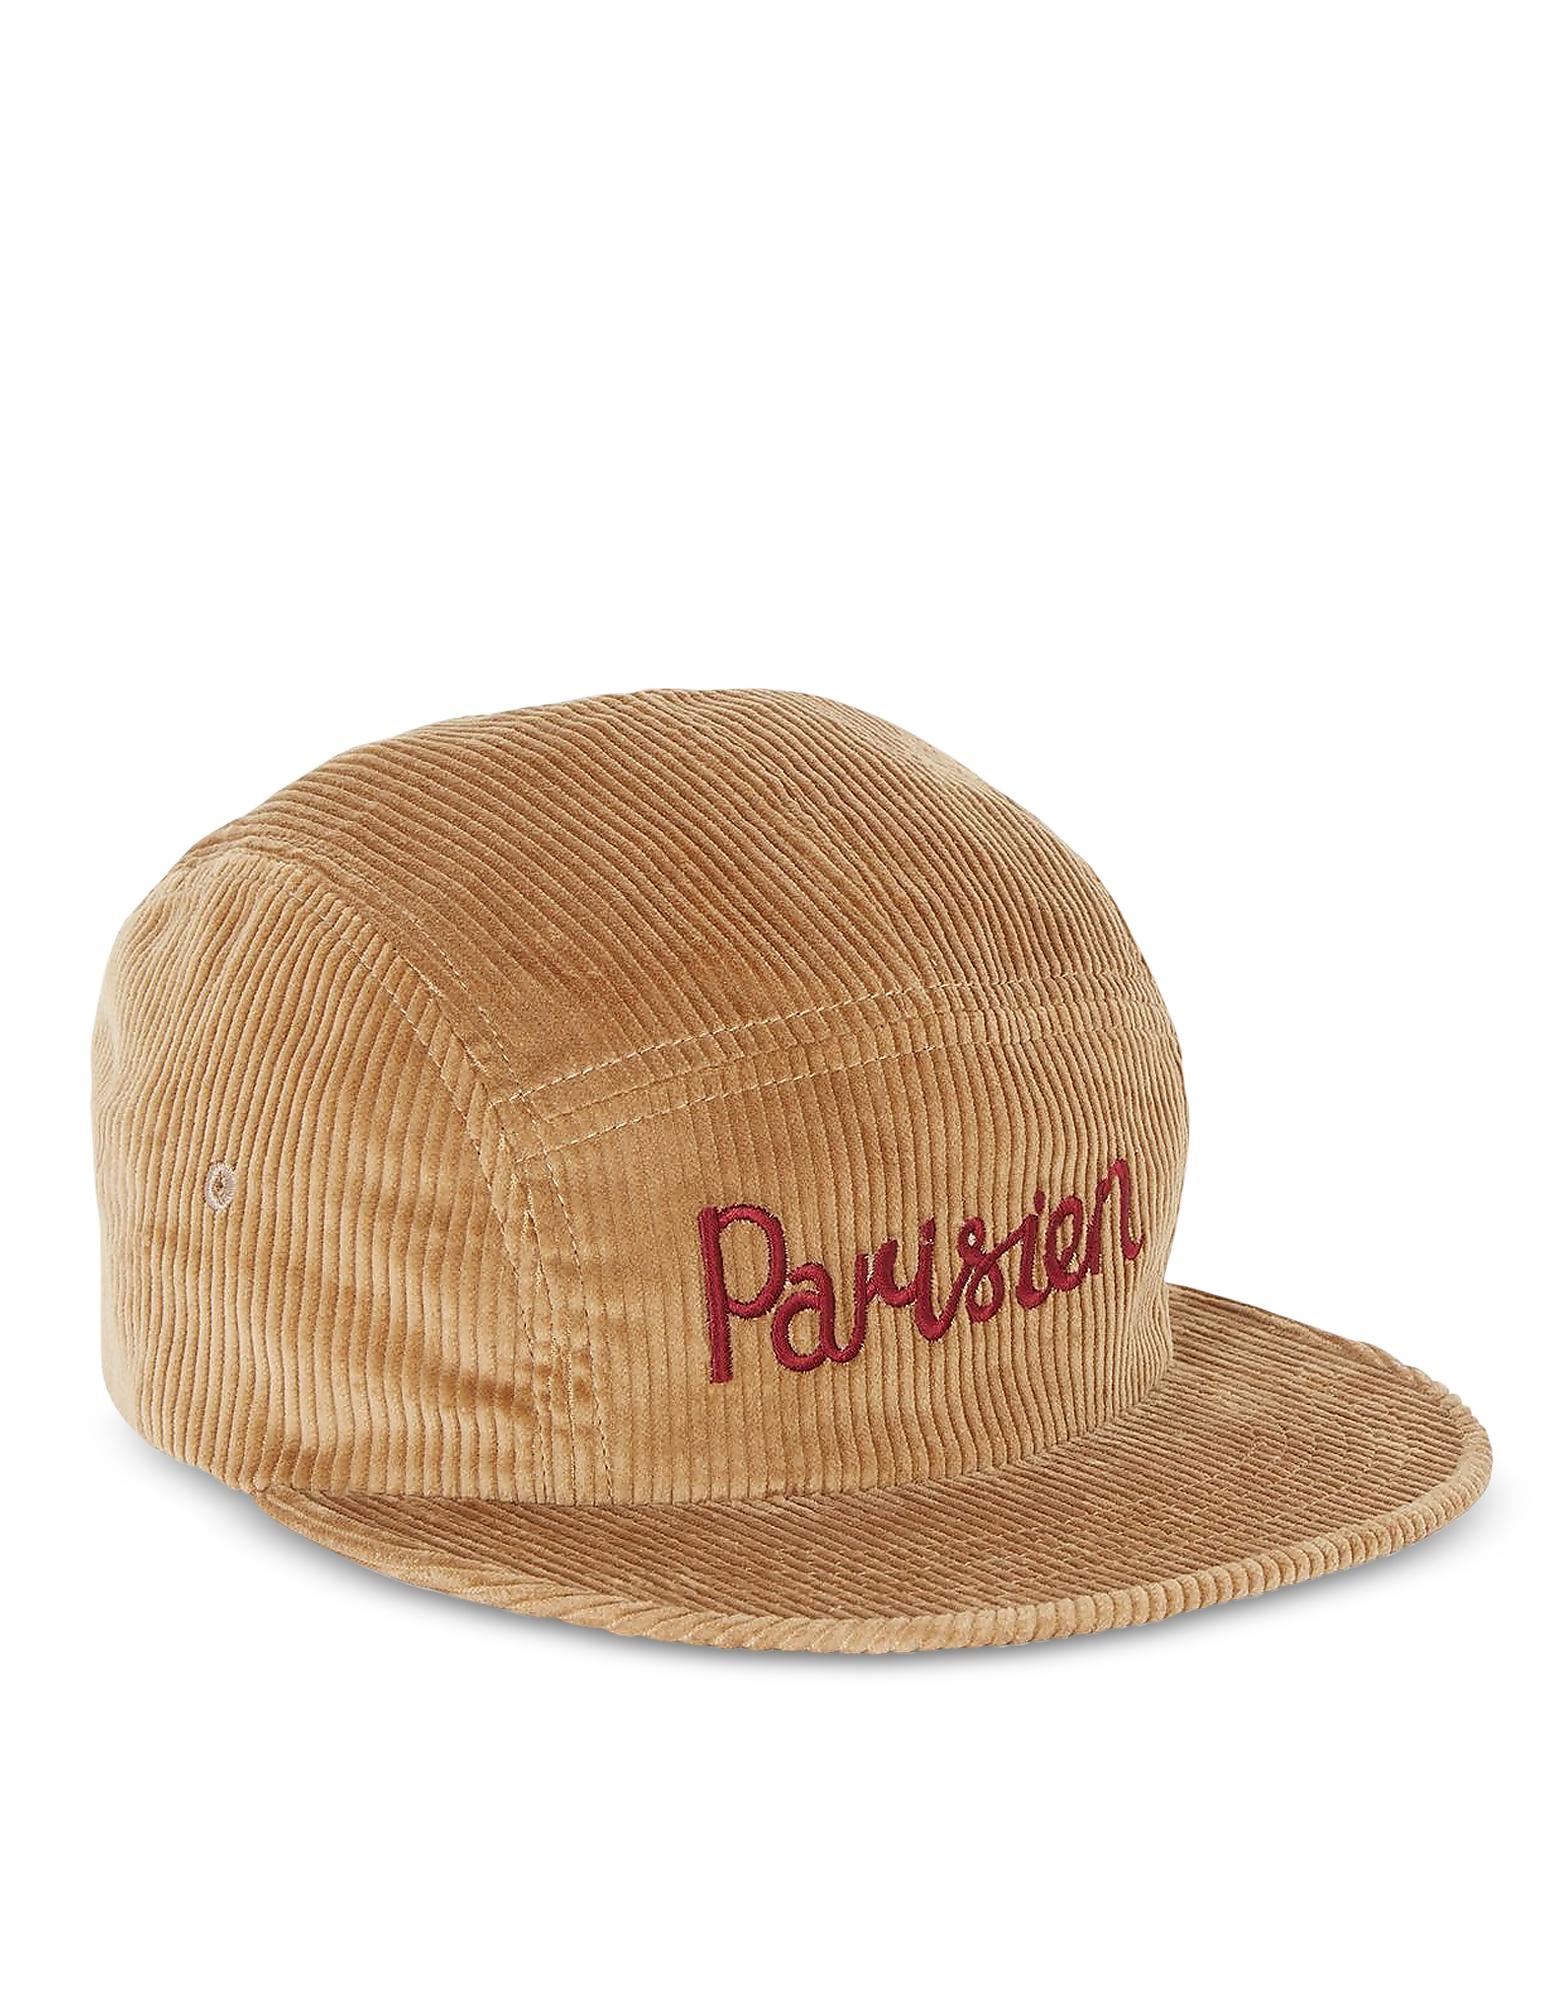 Image of Maison Kitsuné Designer Men's Hats, Corduroy Parisien Camel Baseball Cap